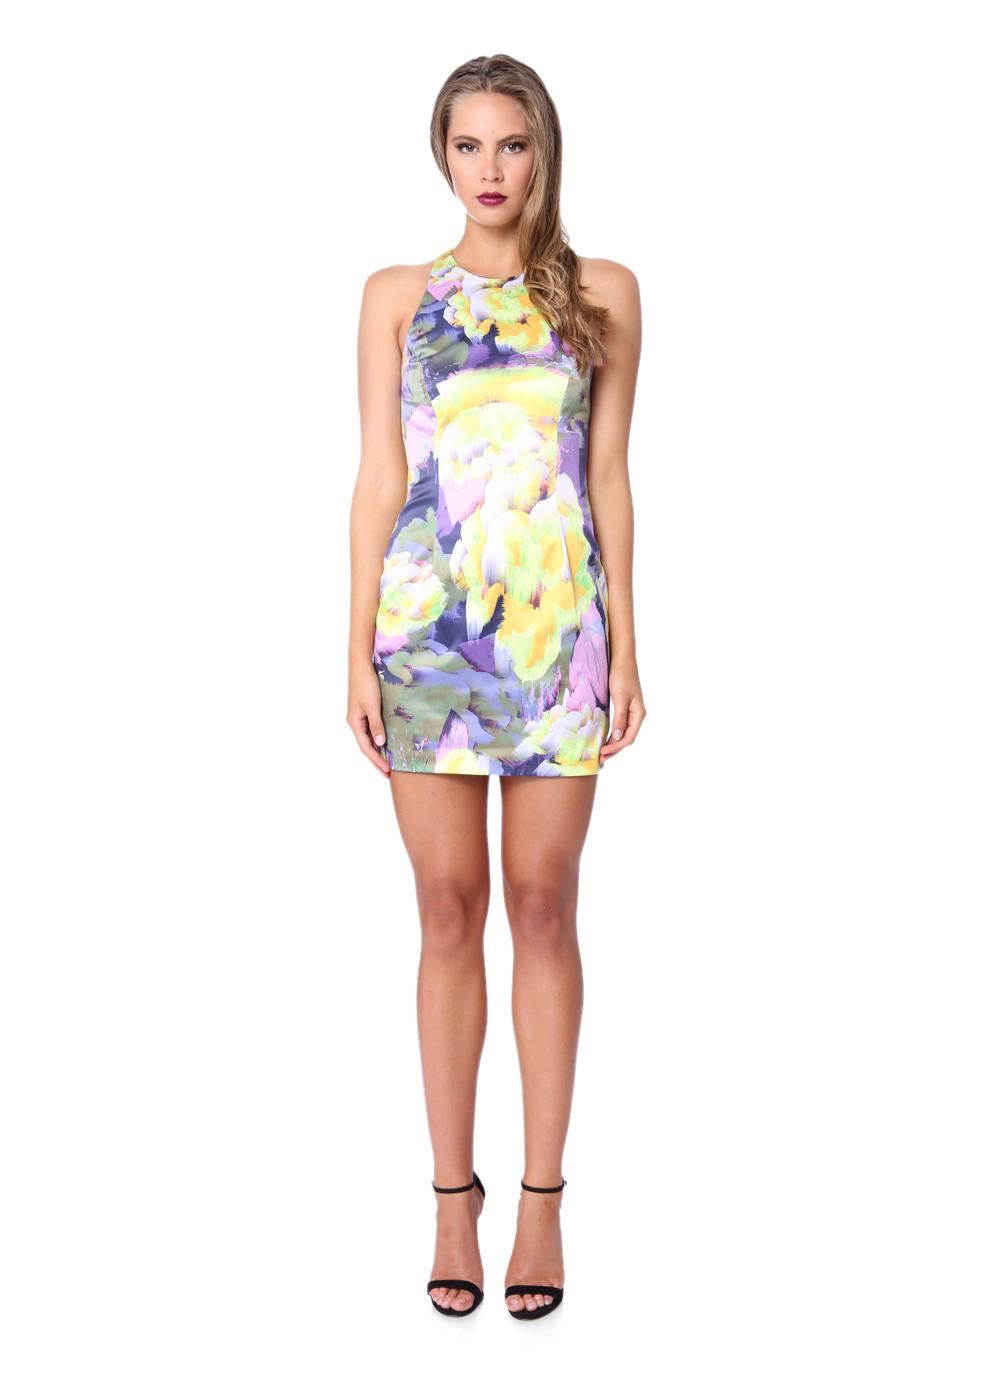 Positano Shift-Print   Bec & Bridge   Women's apparel   brandsExclusive